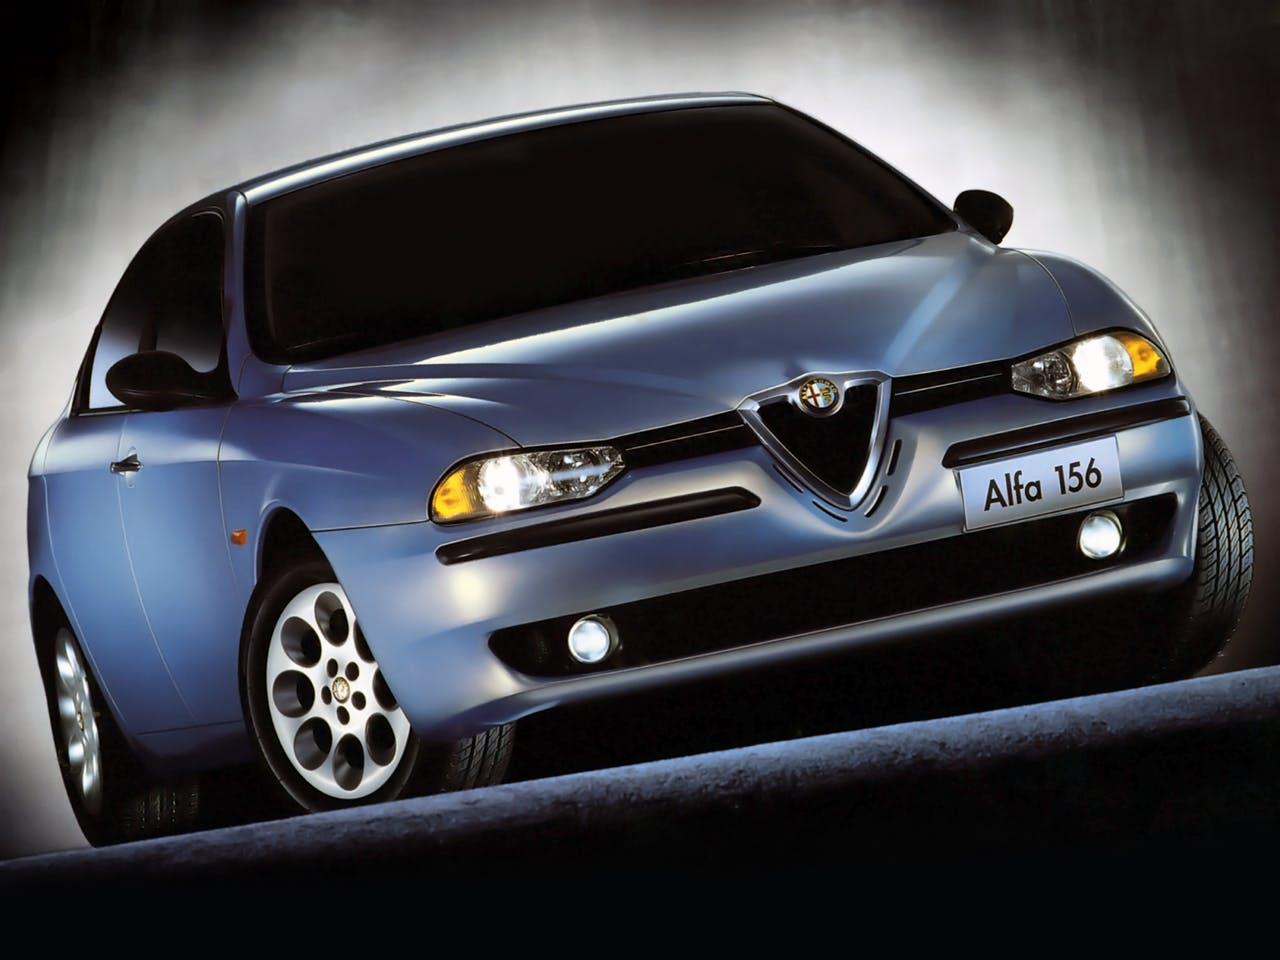 Alfa Romeo 156 azzurra frontale